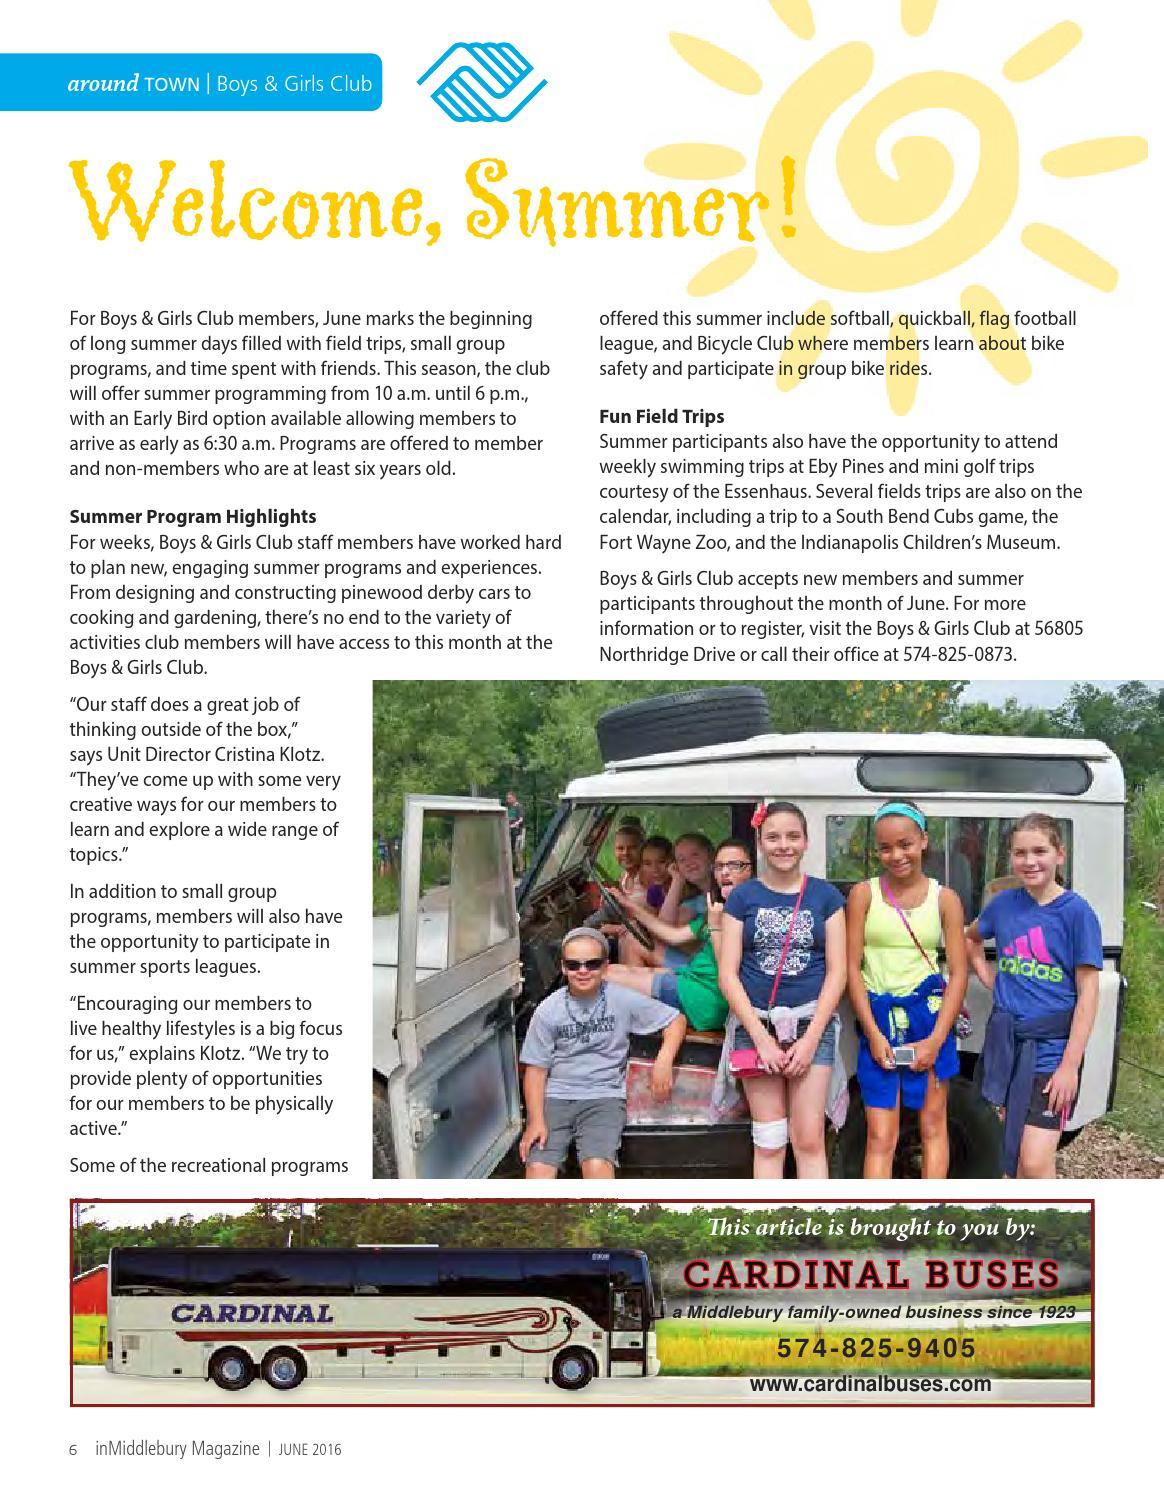 inMiddlebury Magazine June 2016 by inMiddlebury Magazine - issuu